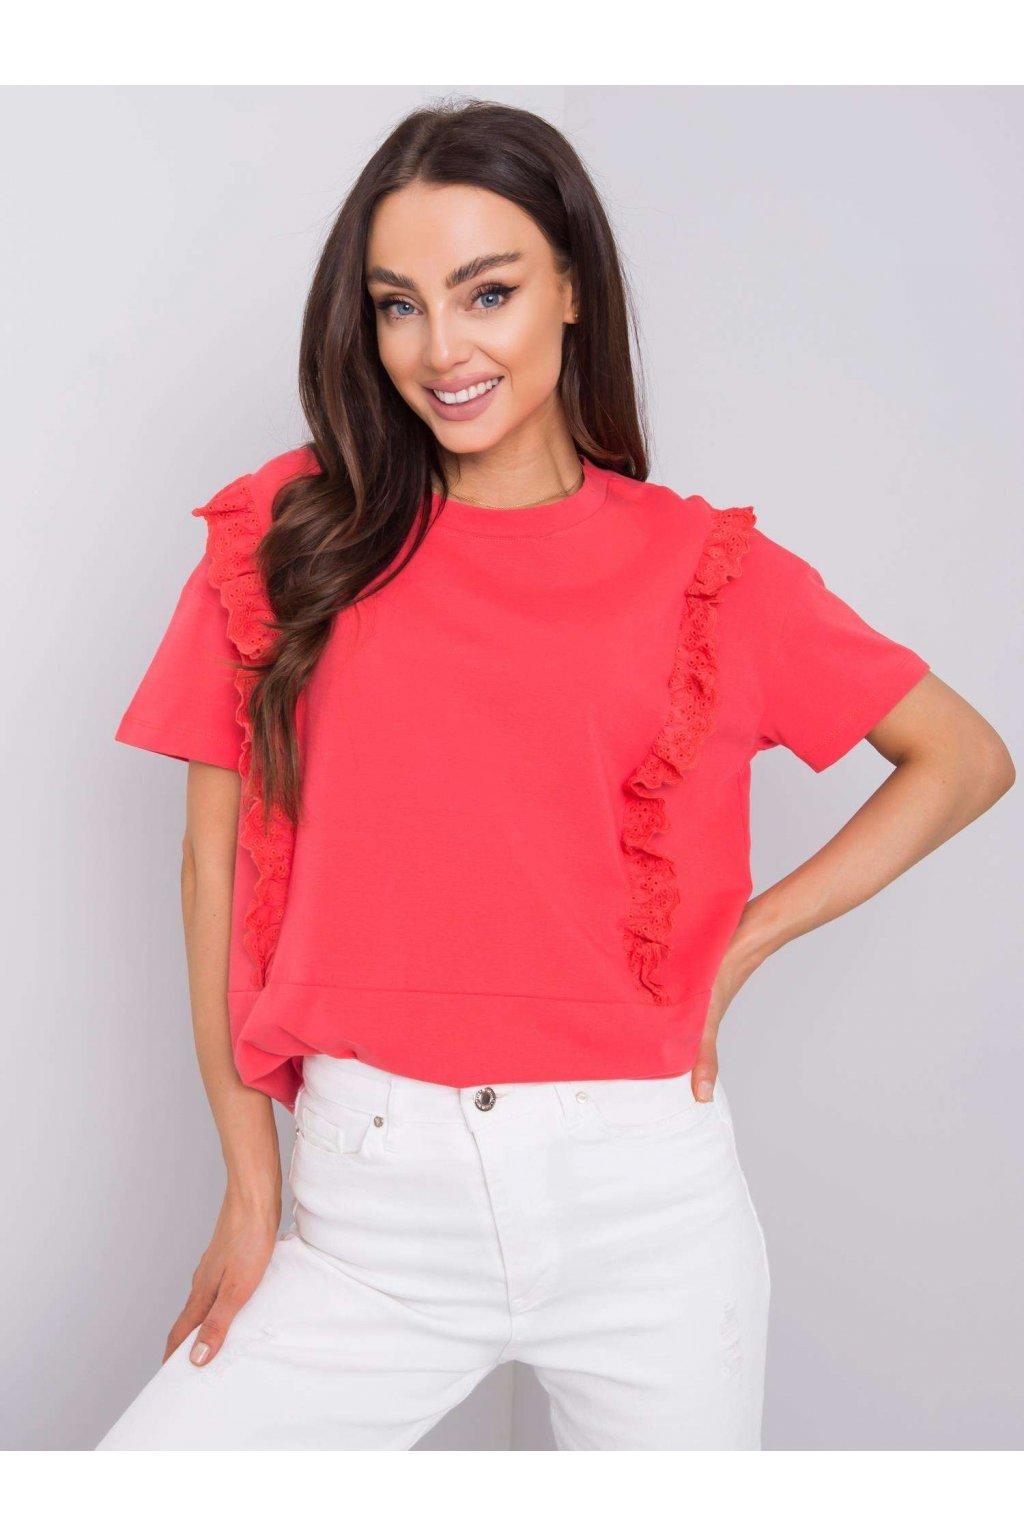 pol pl Ciemnokoralowy t shirt z falbanami Mylene 363403 1